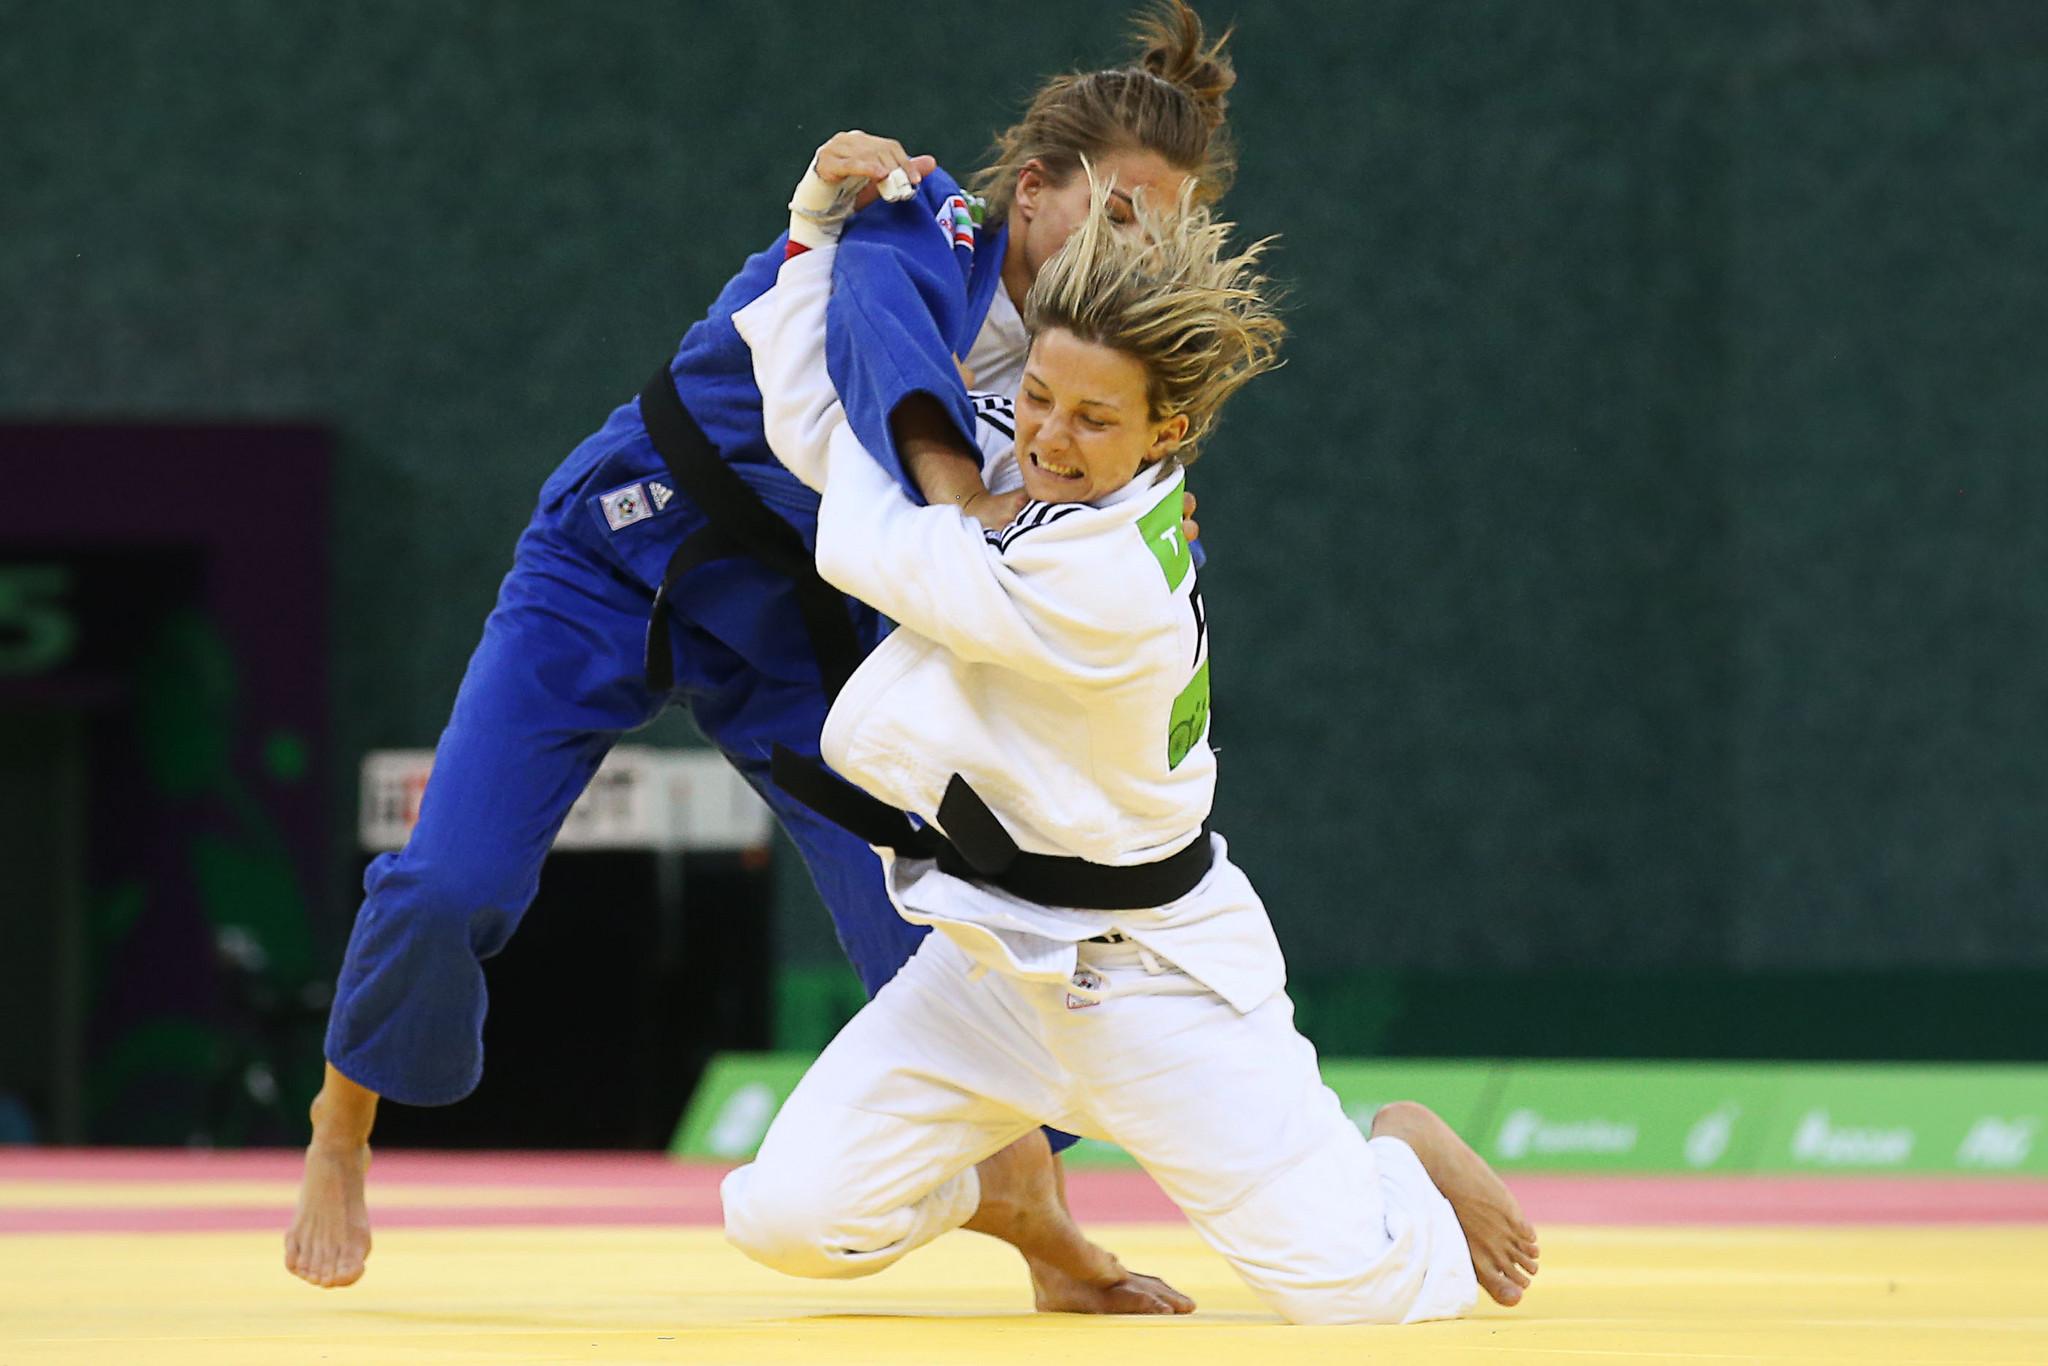 TelmaMonteiro_Ouro_Judo_-57kg_Foto2.jpg